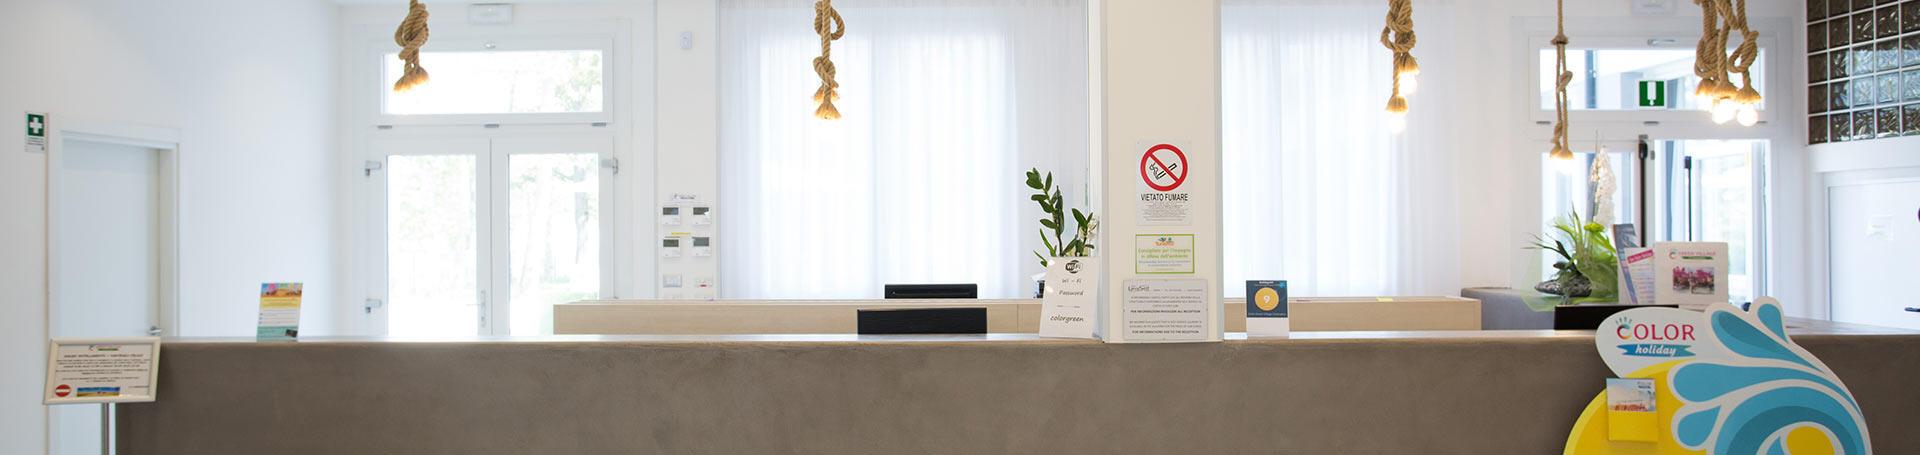 greenvillagecesenatico de bewertungen-und-kommentare 011